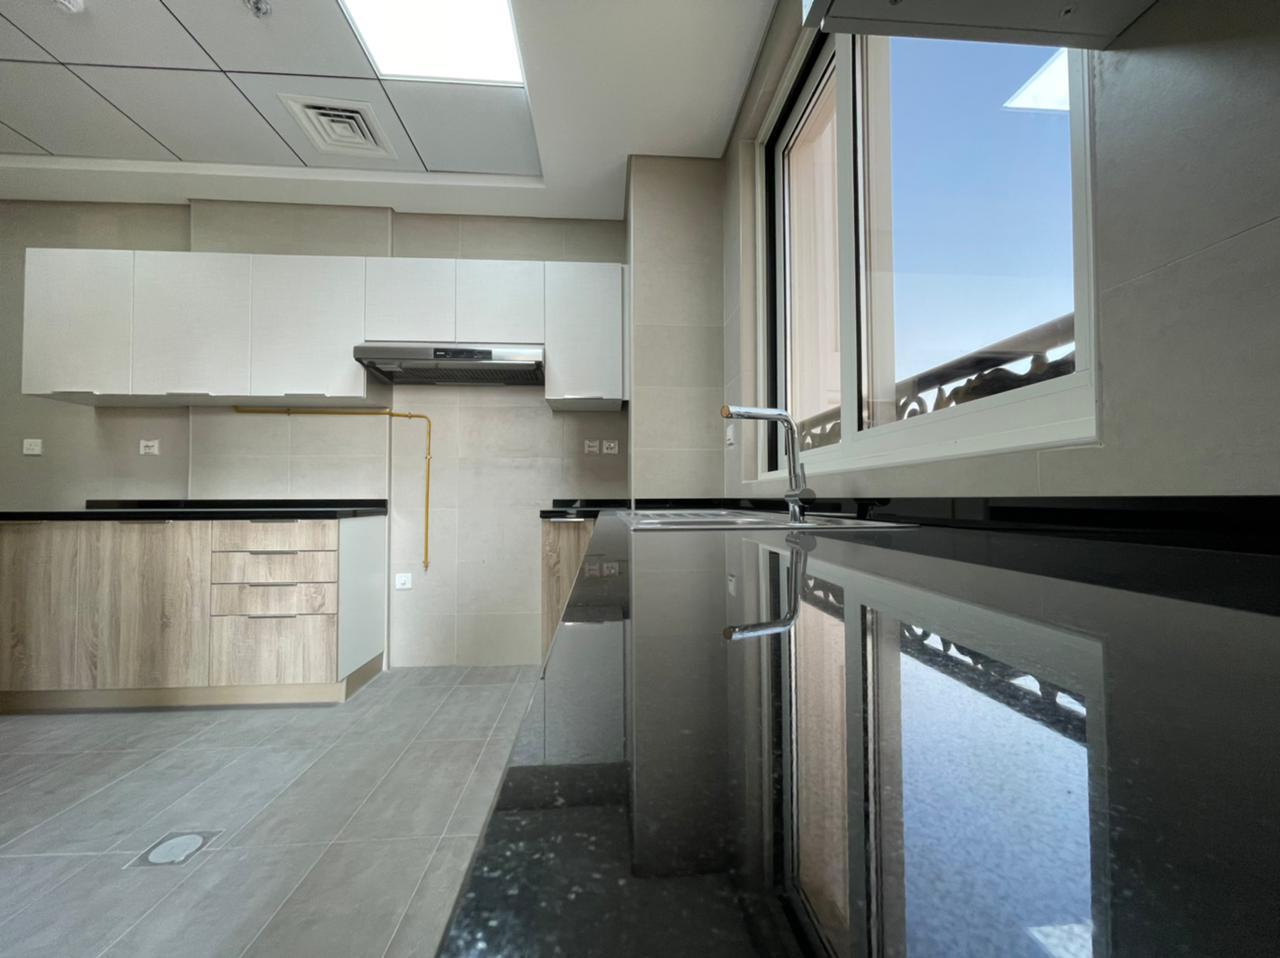 Premium Brand New 1 Bedroom Apartments - Image 5